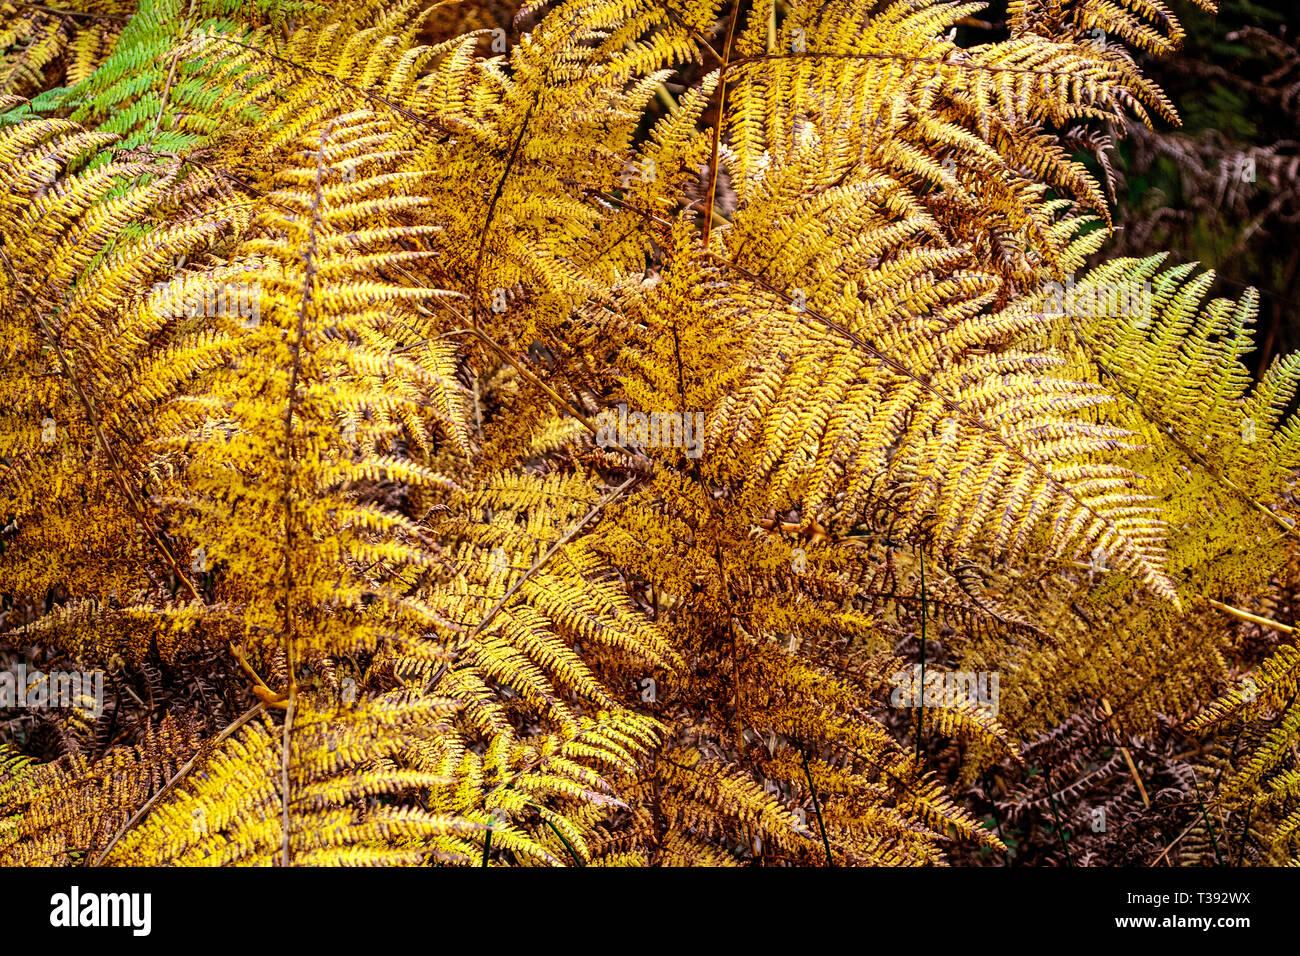 Woodland Fern, UK - Stock Image